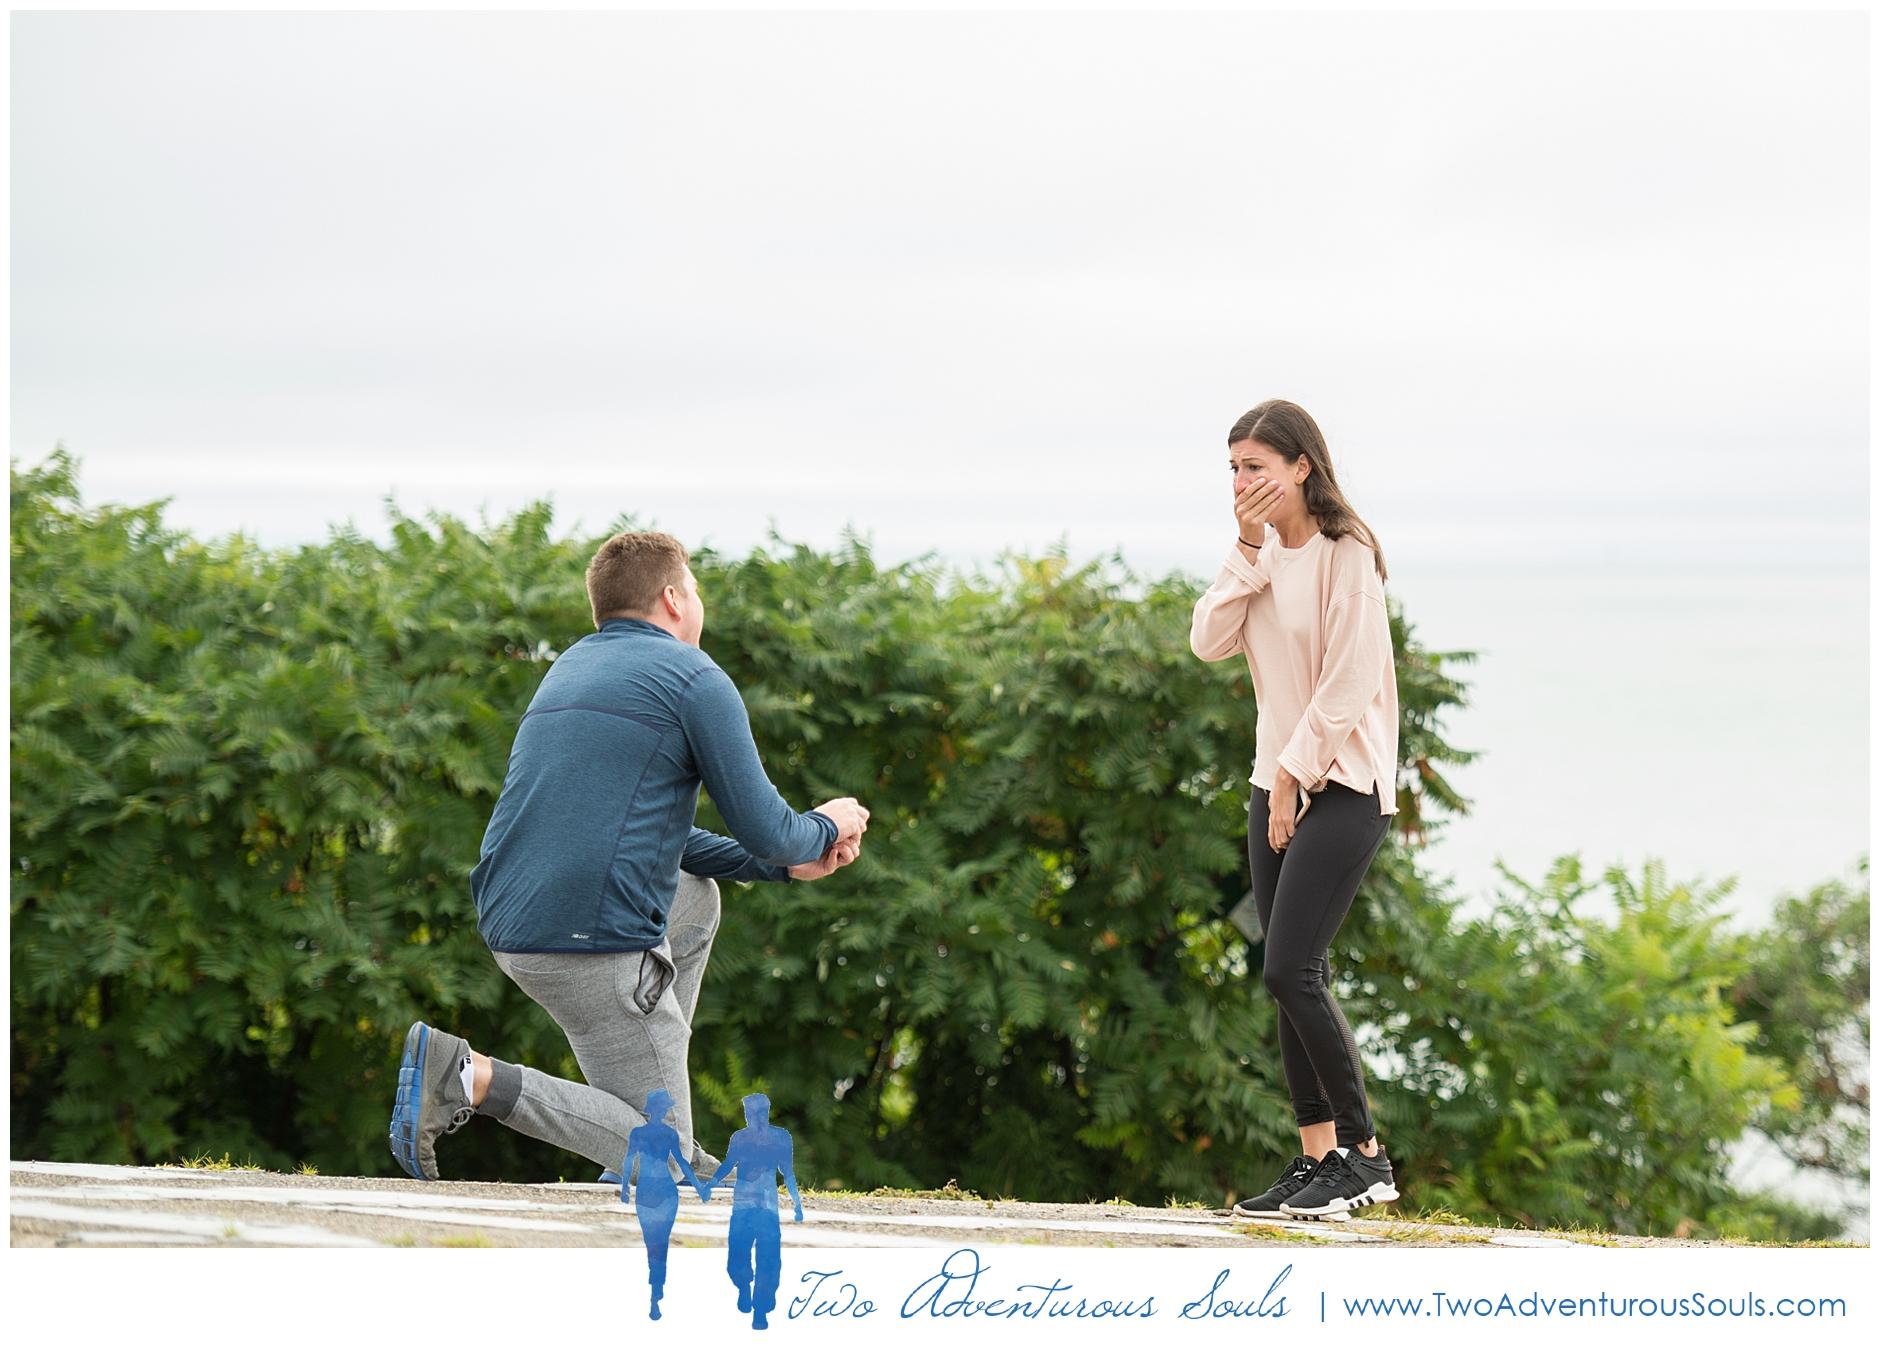 Maine Wedding Photographers, Surprise Proposal Photographers, Maine Elopement Photographers, Two Adventurous Souls-blogcontent_0003.jpg